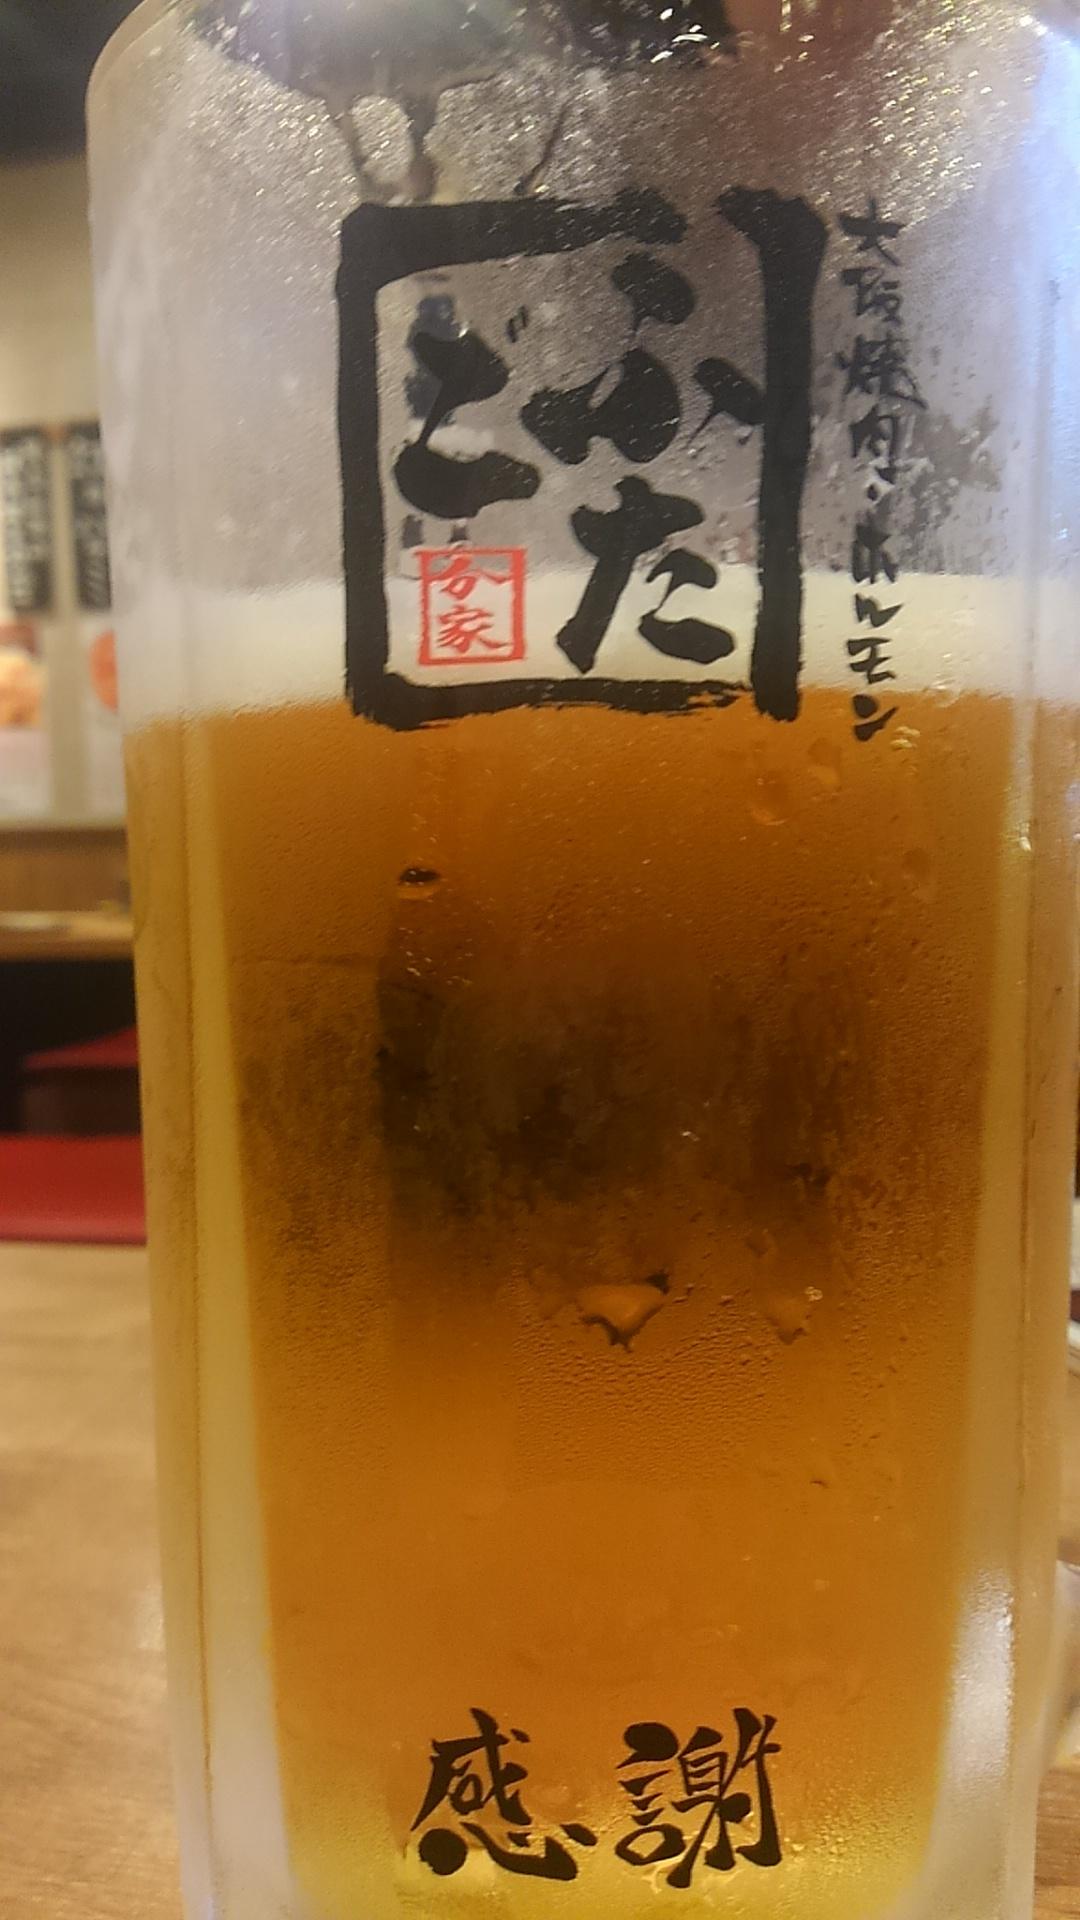 大阪焼肉 ホルモン ふたご  吉祥寺店